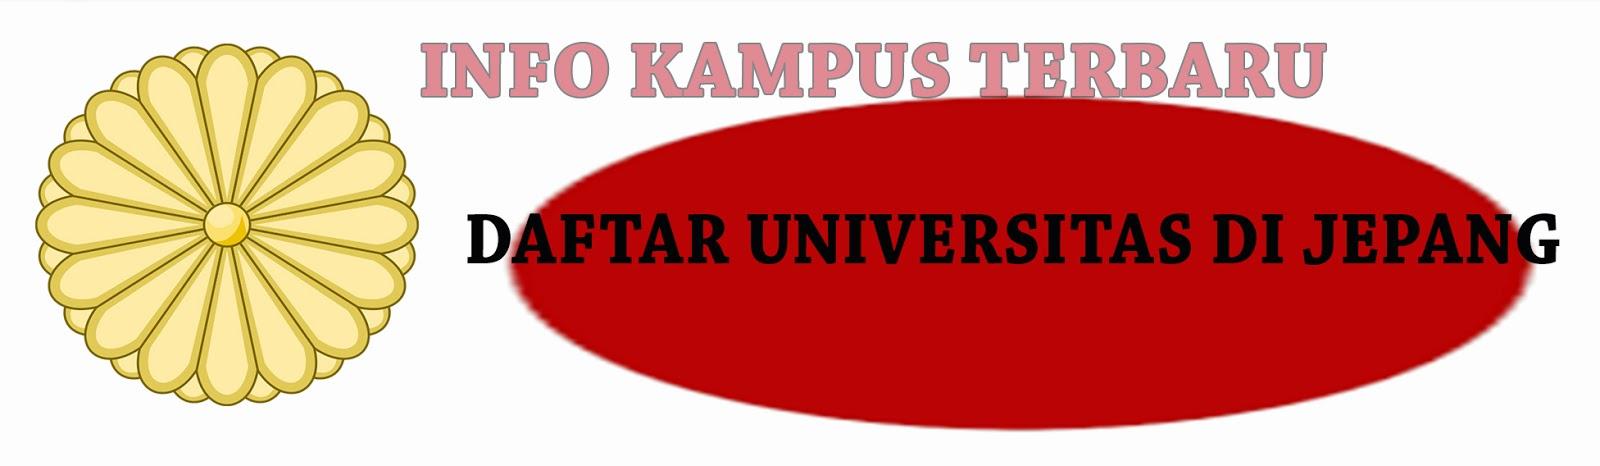 Daftar Universitas Di Jepang